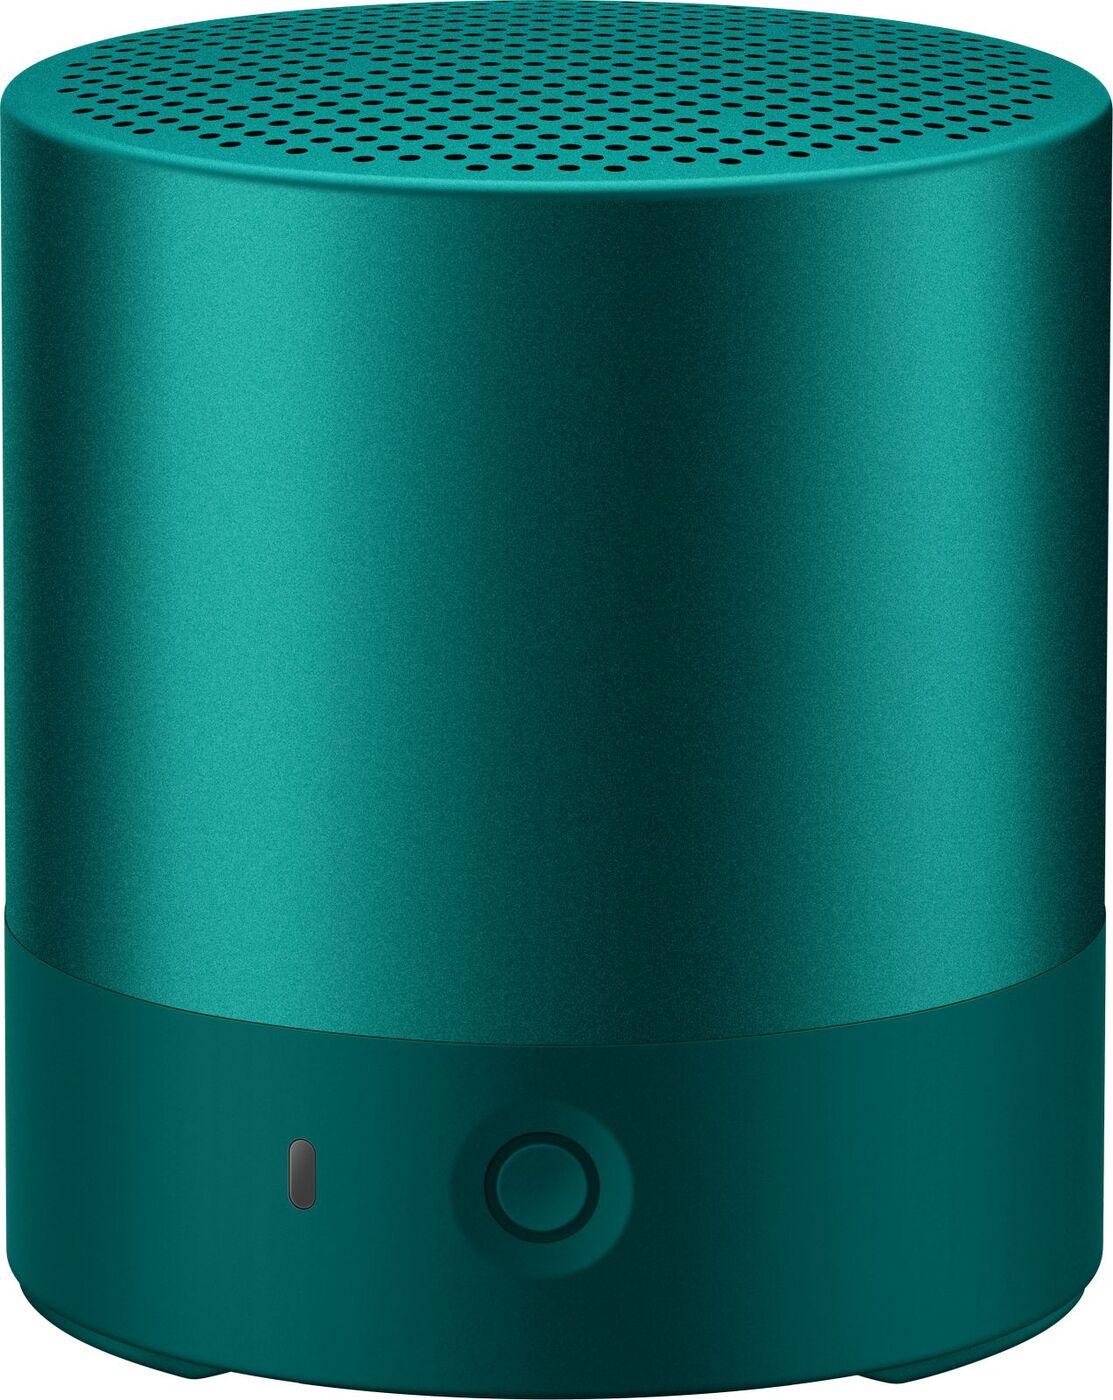 Портативная акустическая система Huawei CM510 Mini Speaker, зеленый, 2 шт huawei huawei little swan беспроводной bluetooth динамик громкой связи 4 0 портативный наружный стерео мини am08 mint